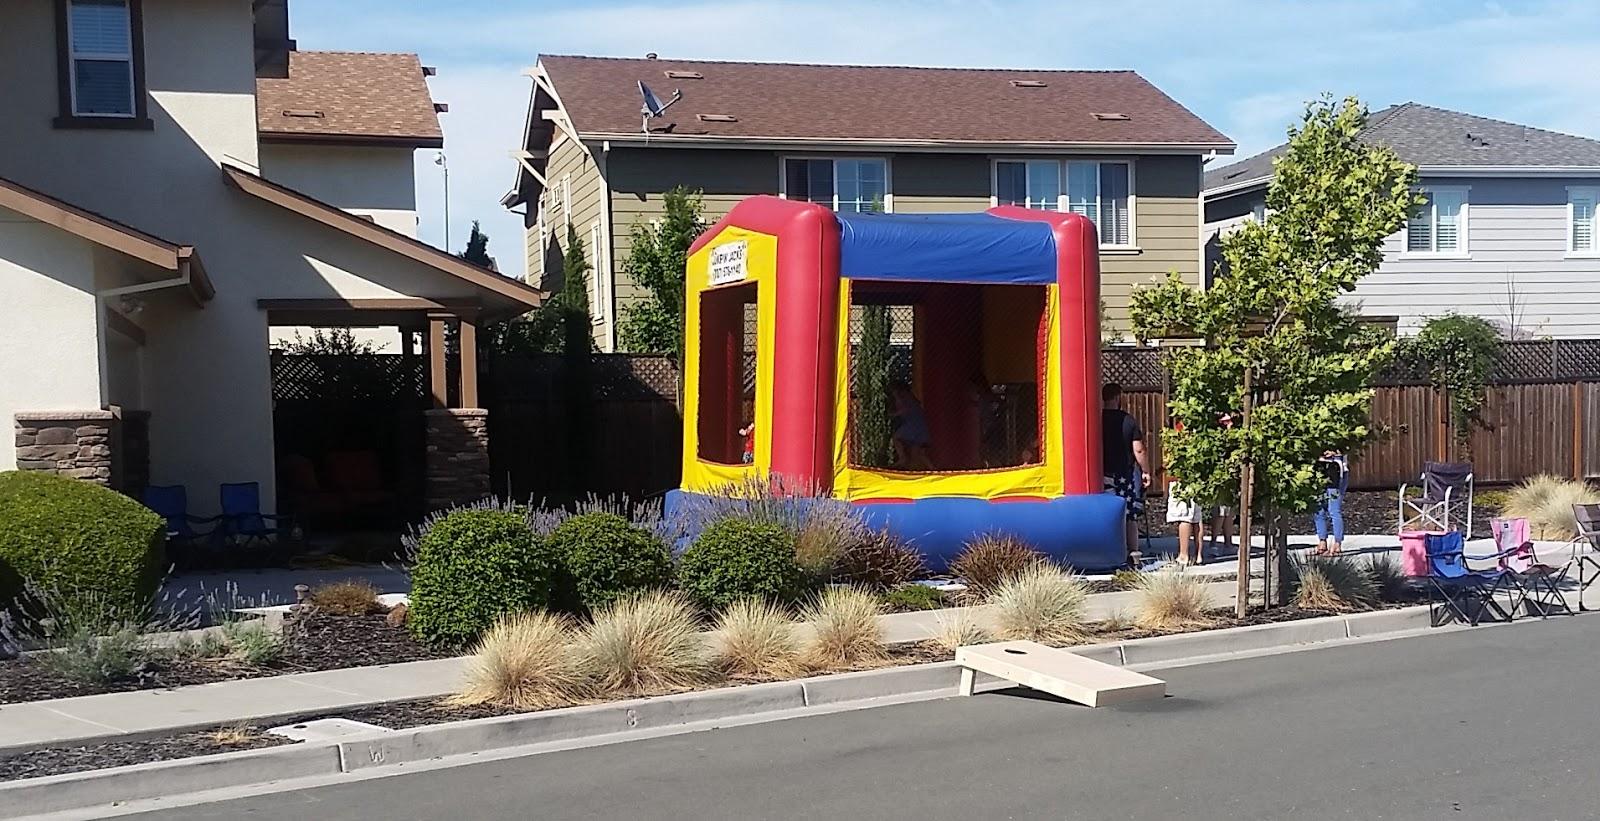 150704001 Bouncy House in Driveway.jpg